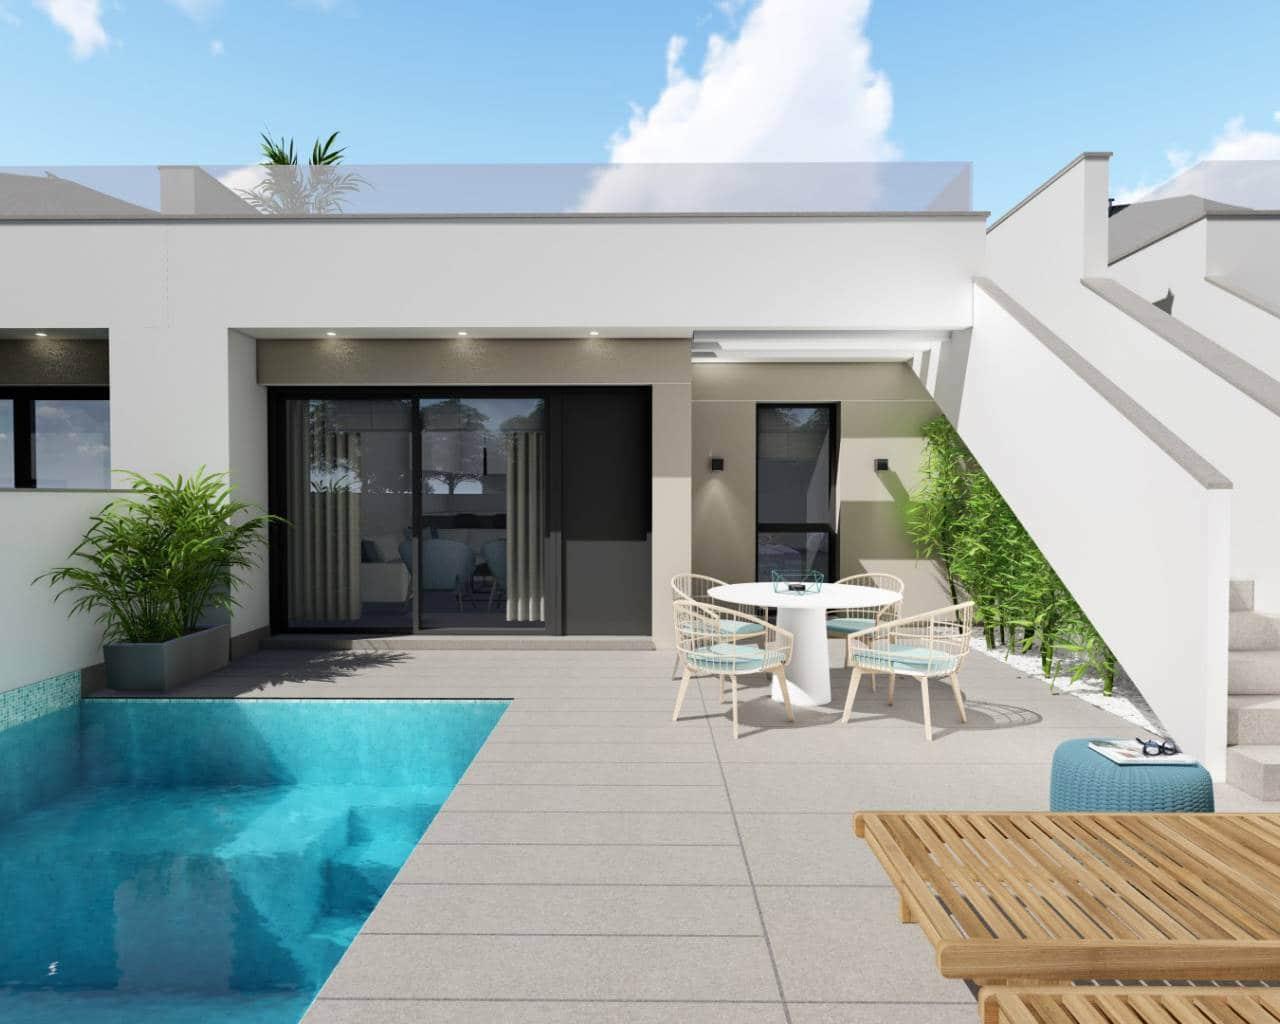 Chalet de 2 habitaciones en Pilar de la Horadada en venta con piscina - 189.000 € (Ref: 5076852)